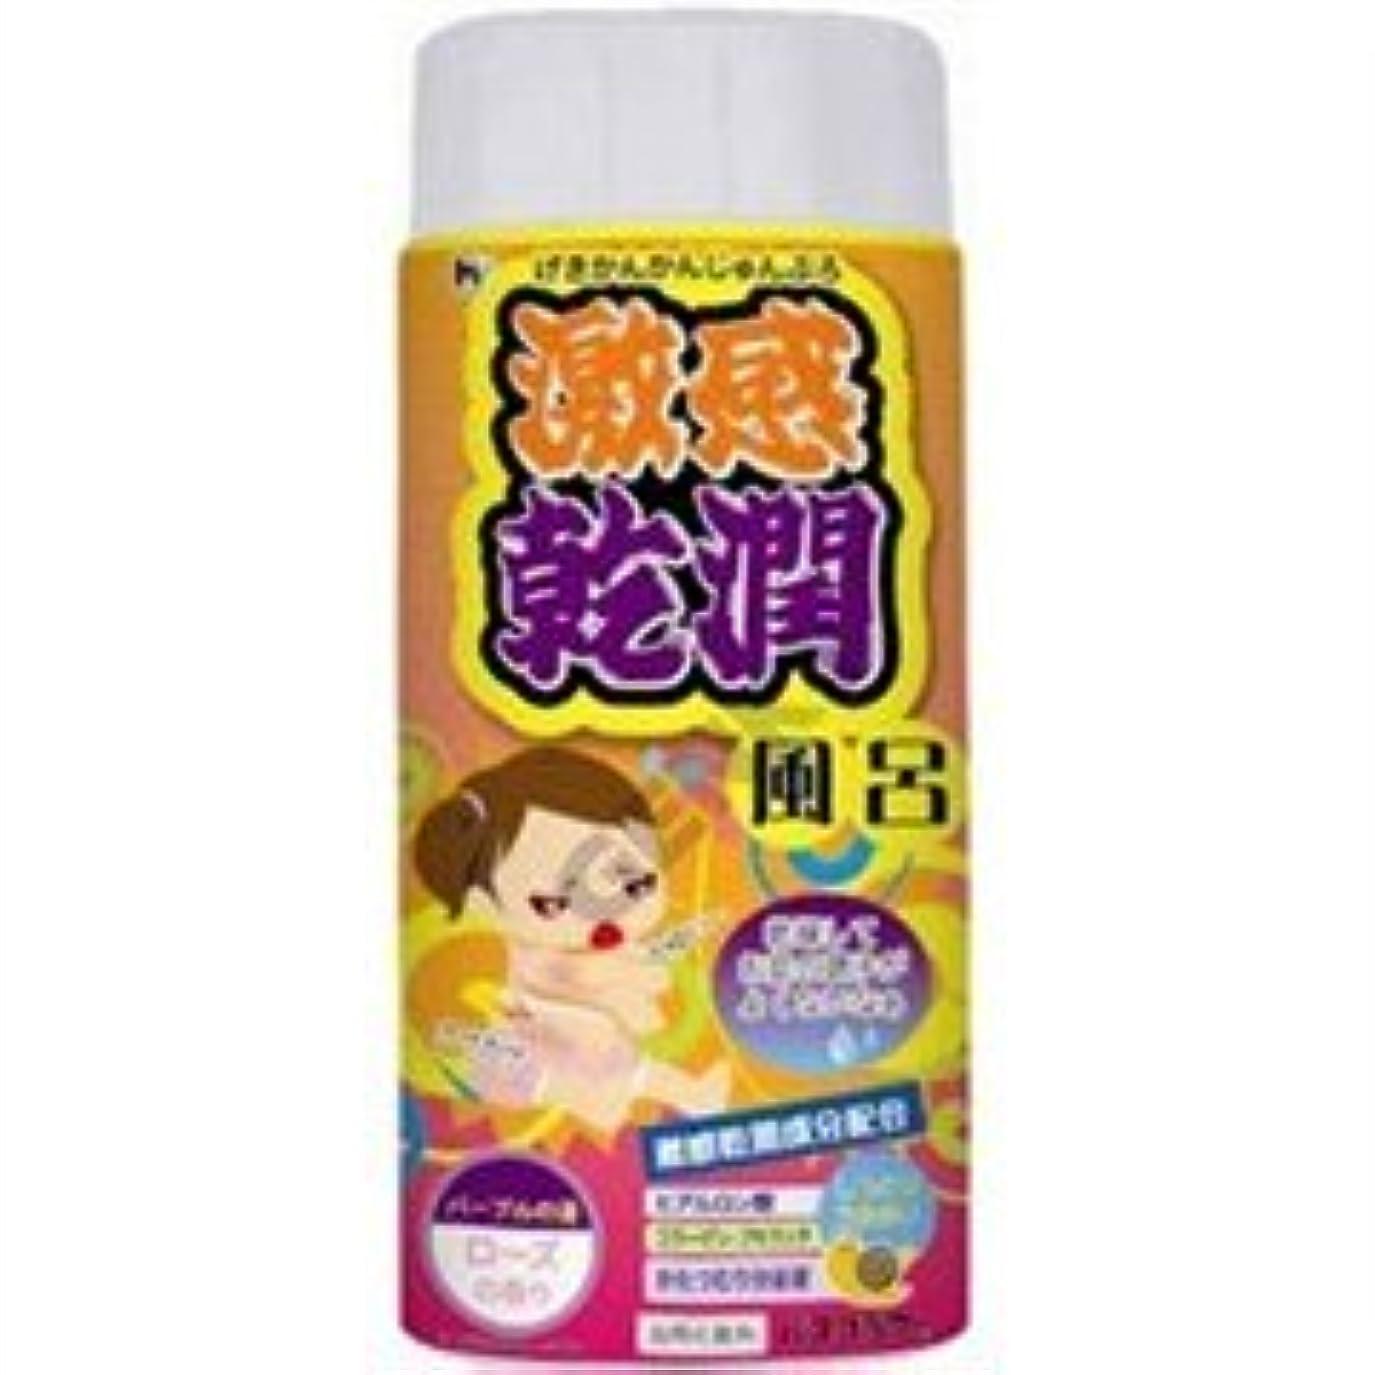 質素なダニはちみつバスフラワー 激感 乾潤風呂 400g